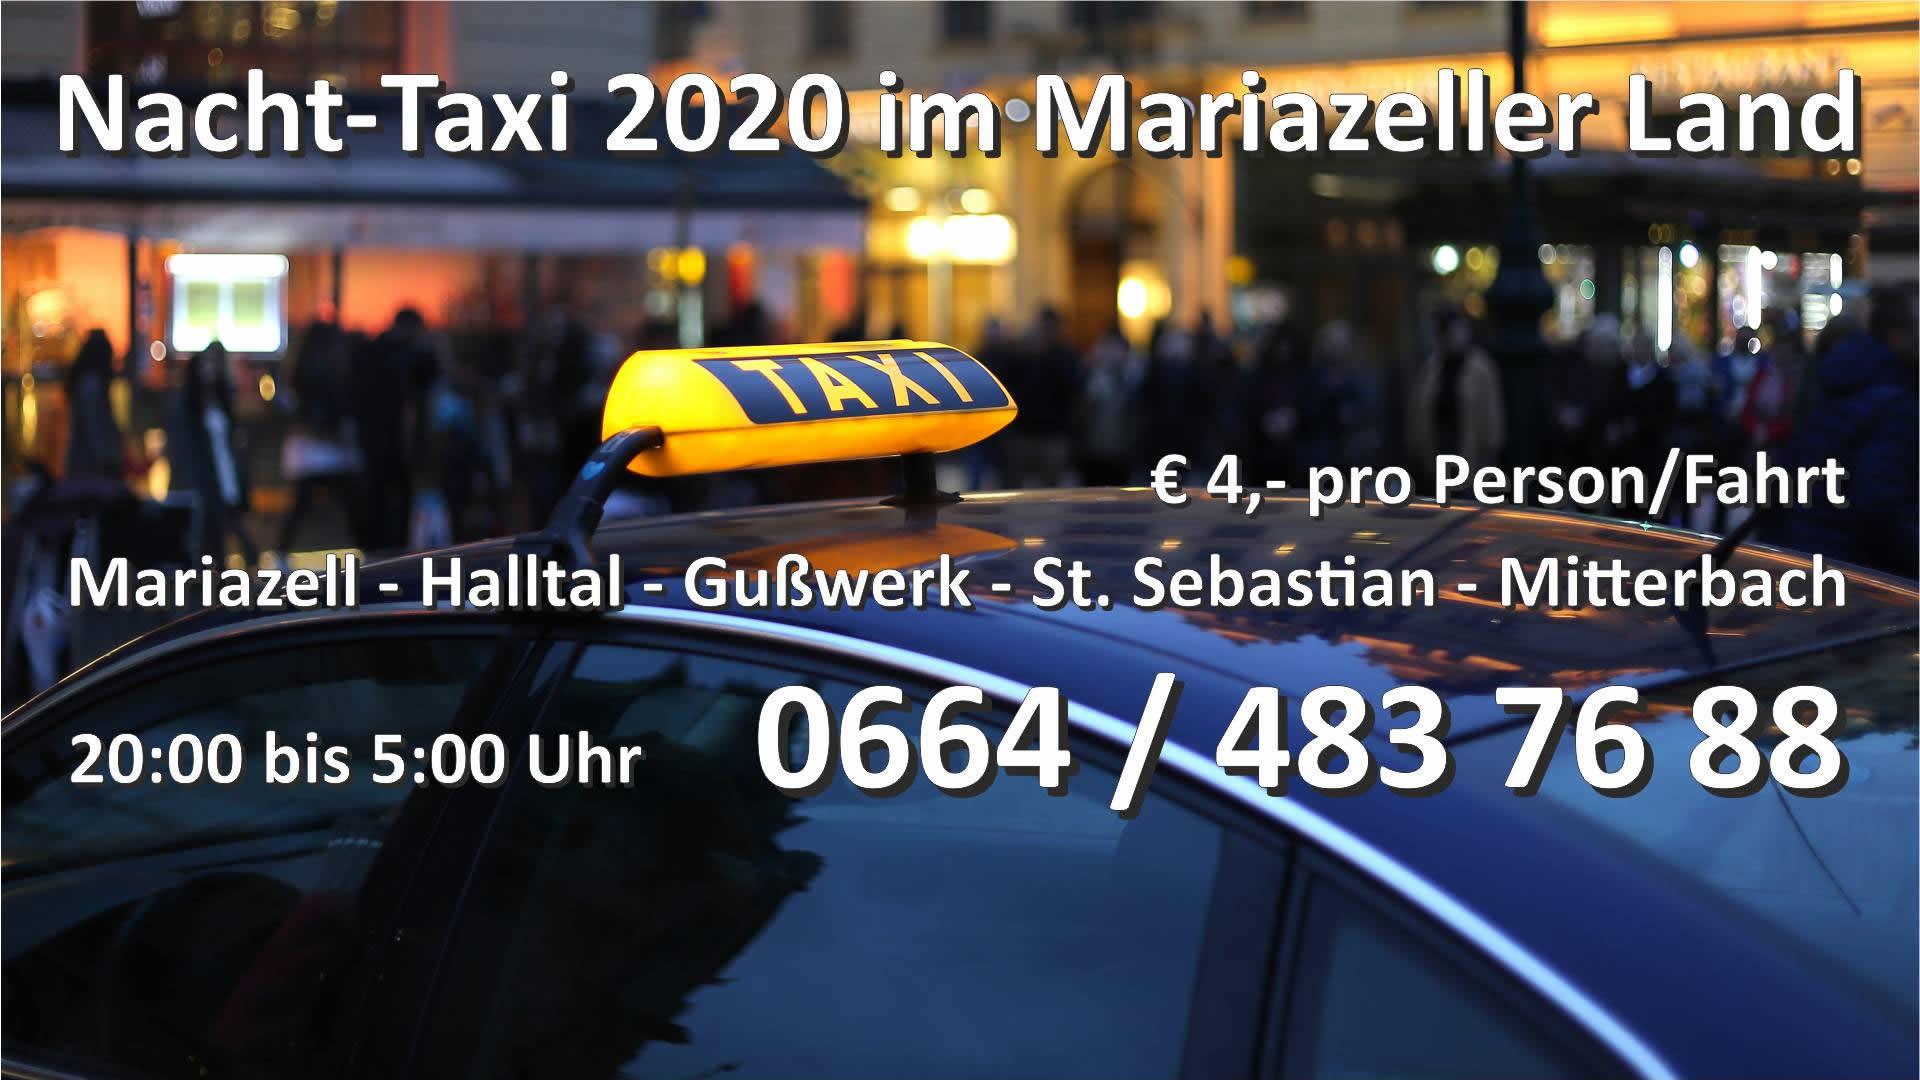 Nacht-Taxi – Betrieb eingestellt